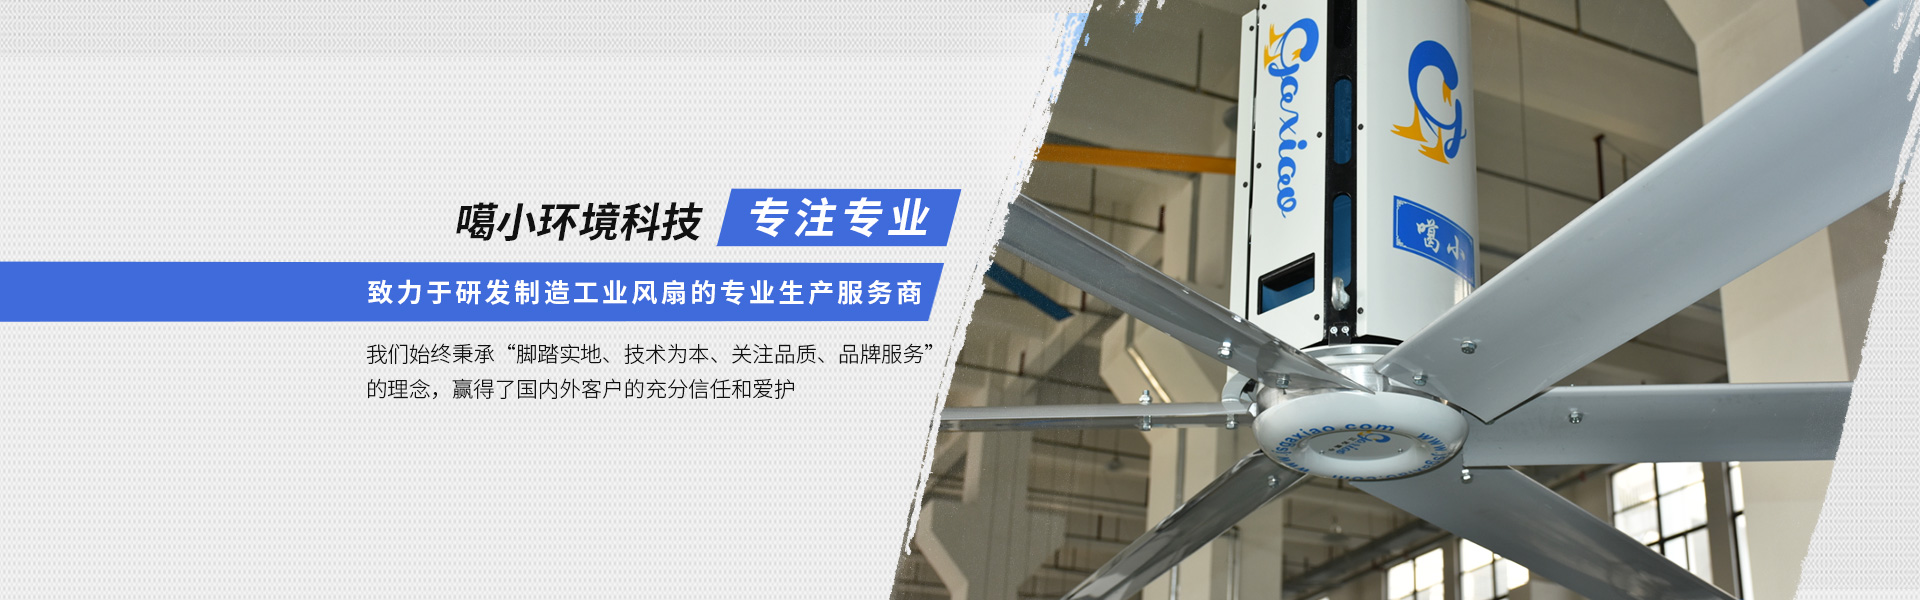 江苏噶小环境科技有限公司